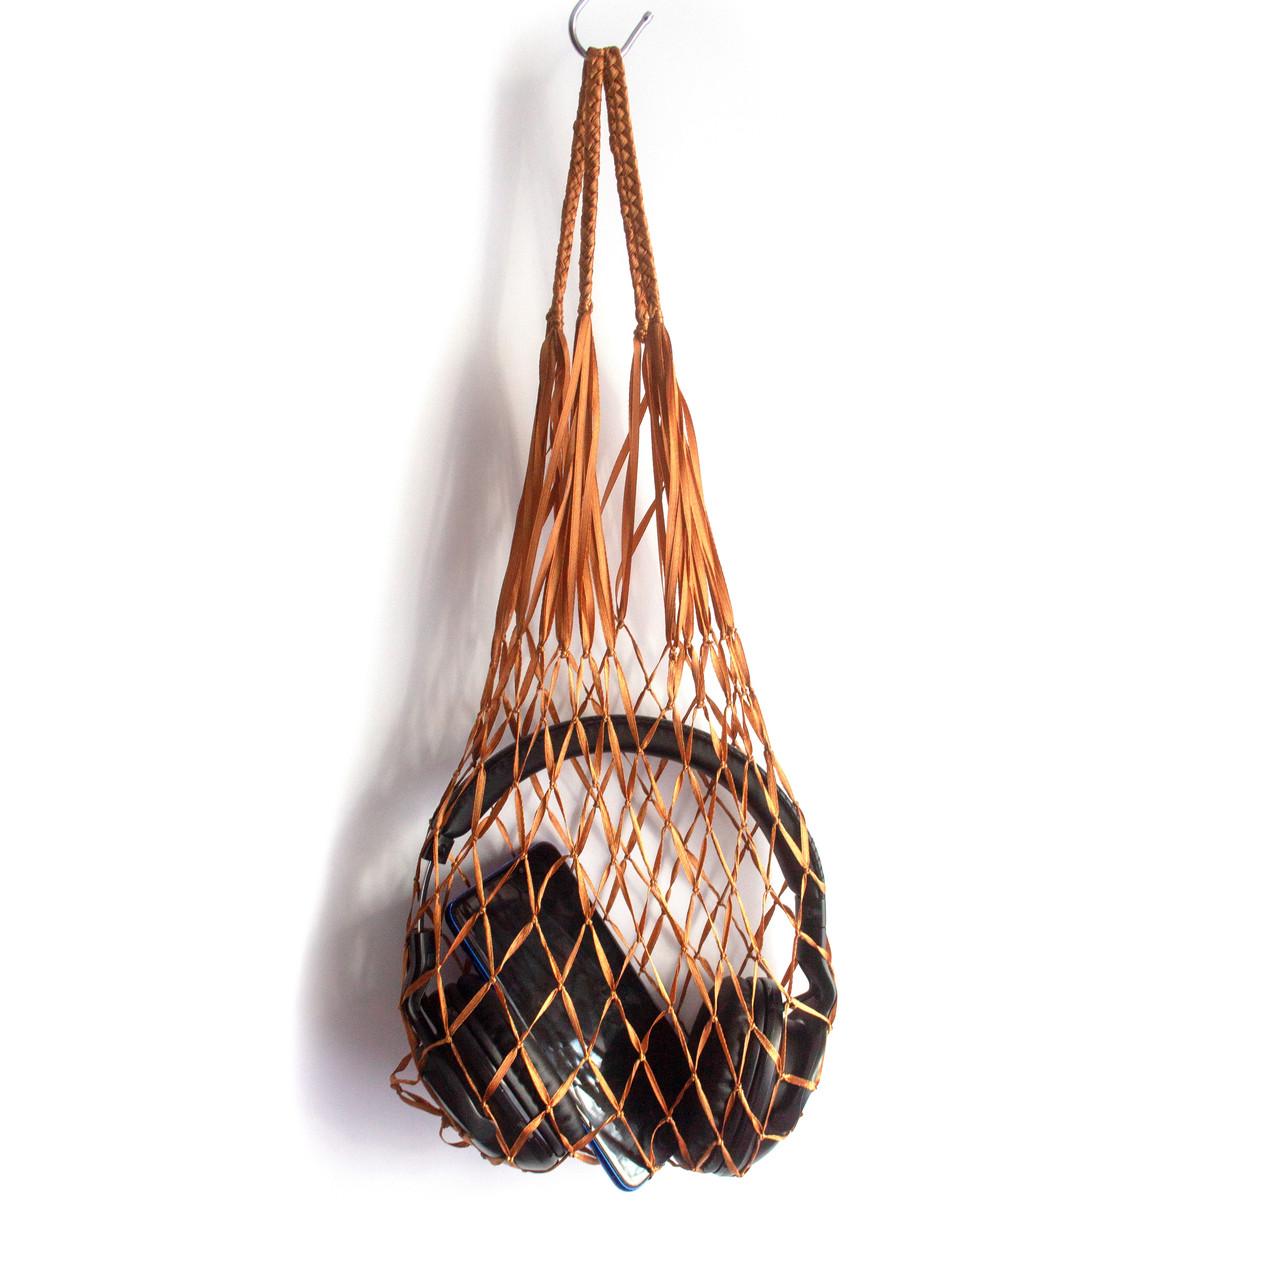 Органайзер для гаджетов - Атласная сумка -  авоська - мини - Темное золото